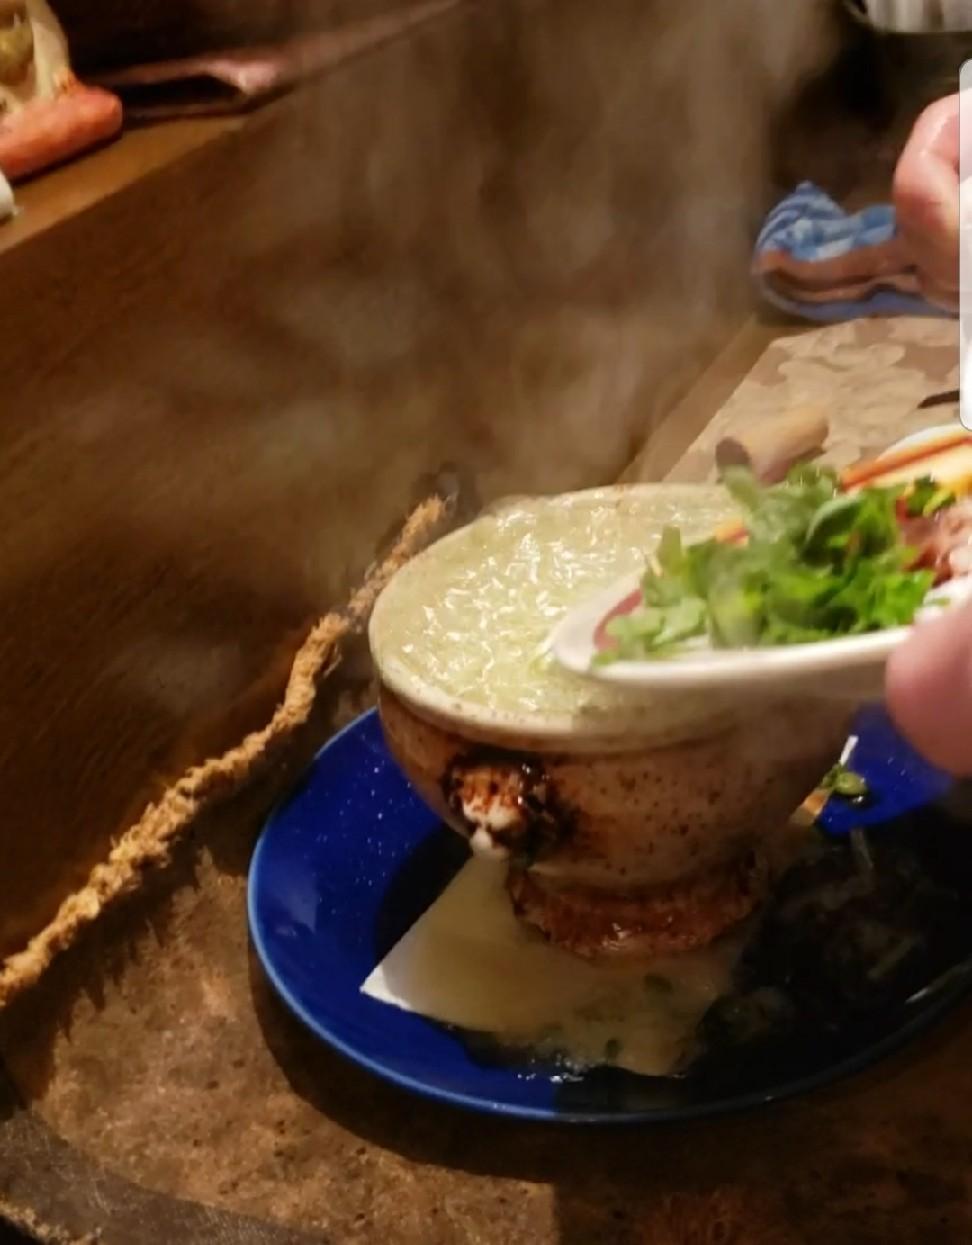 増田屋のタコオイルが食べたくて(広島市中区胡町)_a0105740_07211650.jpg